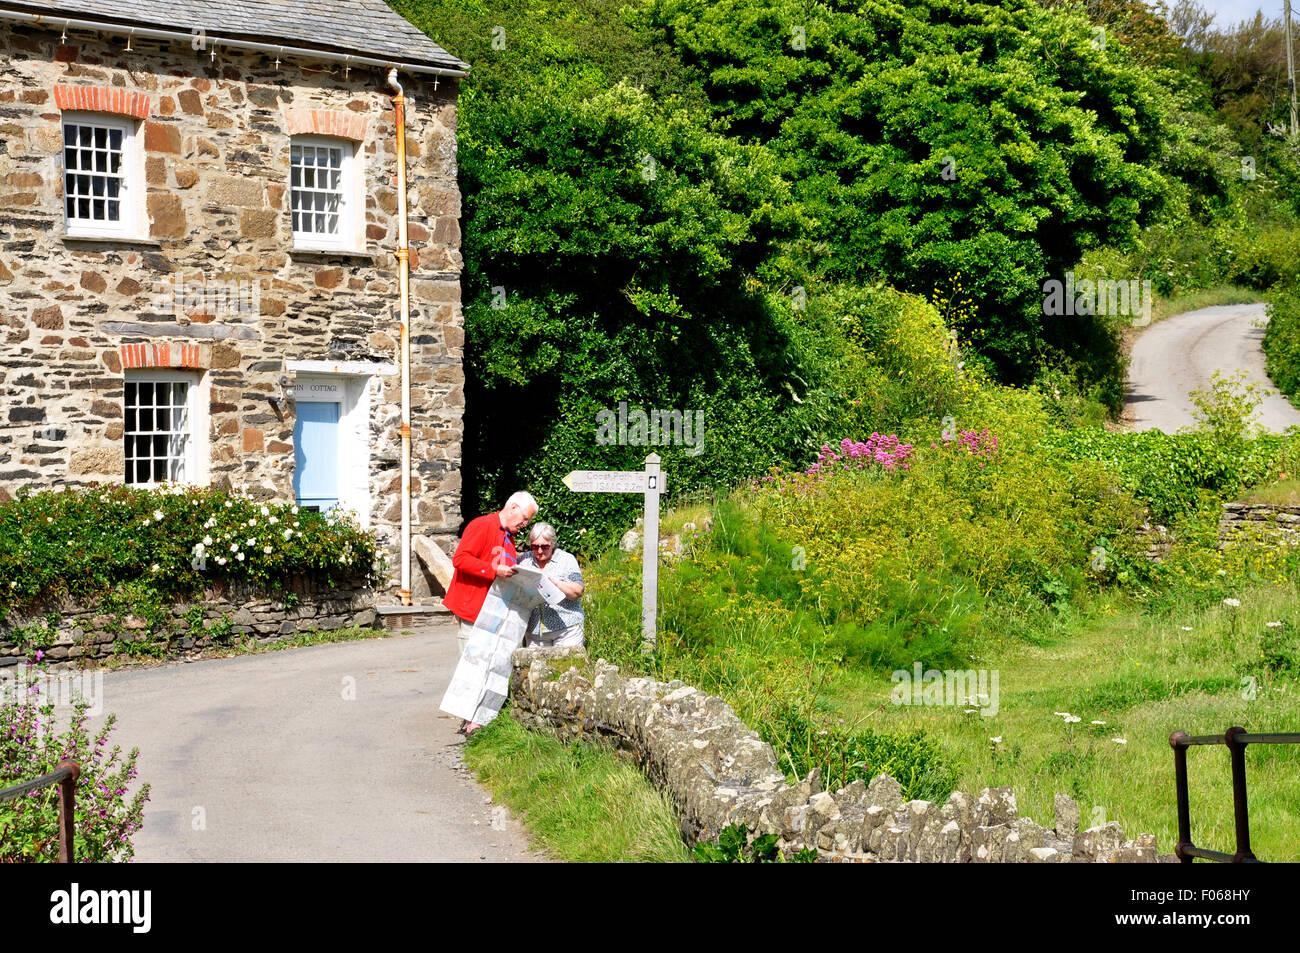 N-te Cornwall - Wicklung Country Lane - Finger Post - paar Blick auf eine Karte - Ferienhaus in der Nähe von Stockbild